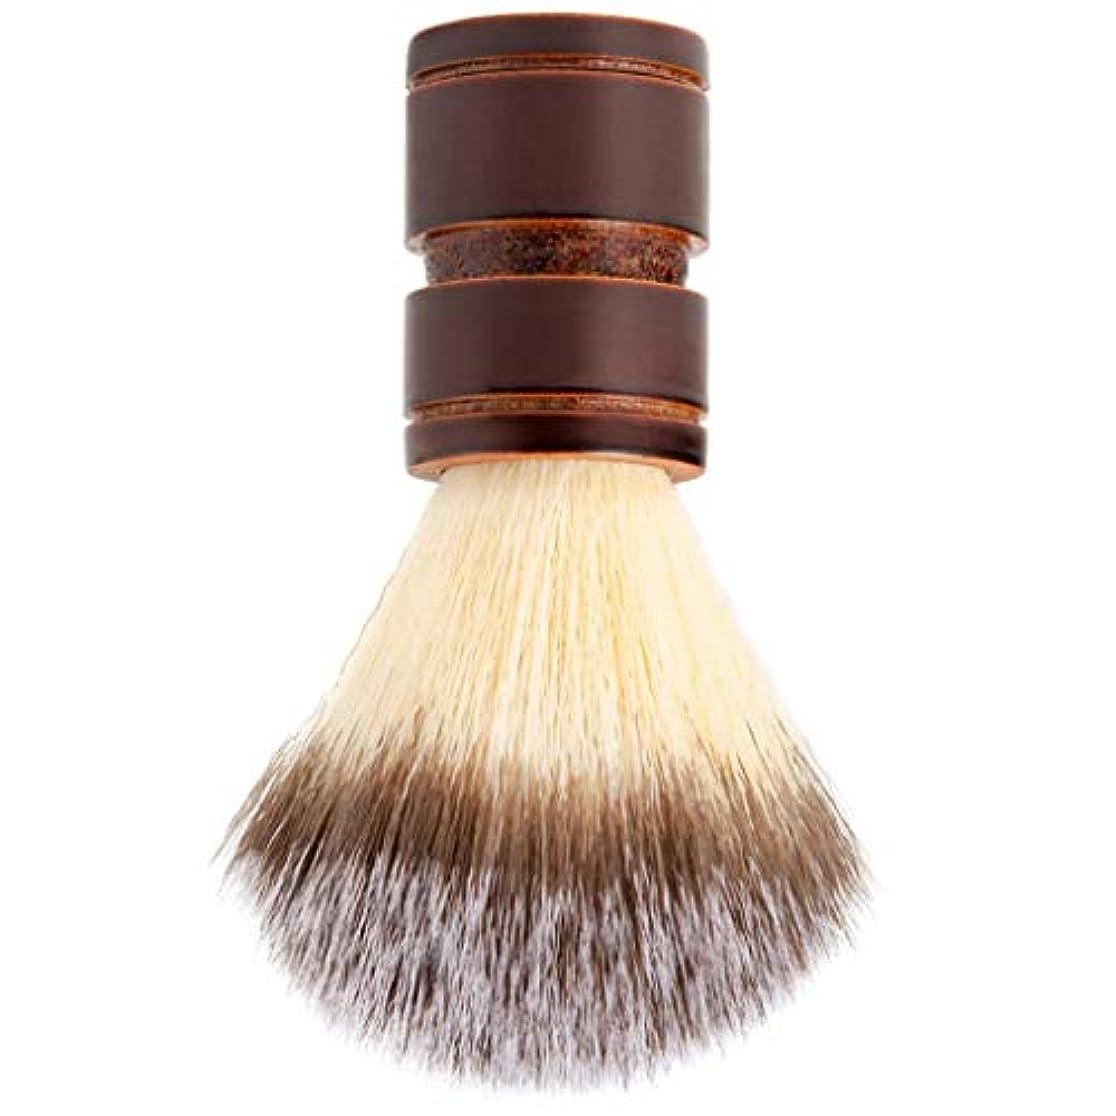 臭いバッチ不屈ひげブラシ メンズ シェービングブラシ 毛髭ブラシ 髭剃り ポータブル ひげ剃り 美容ツール